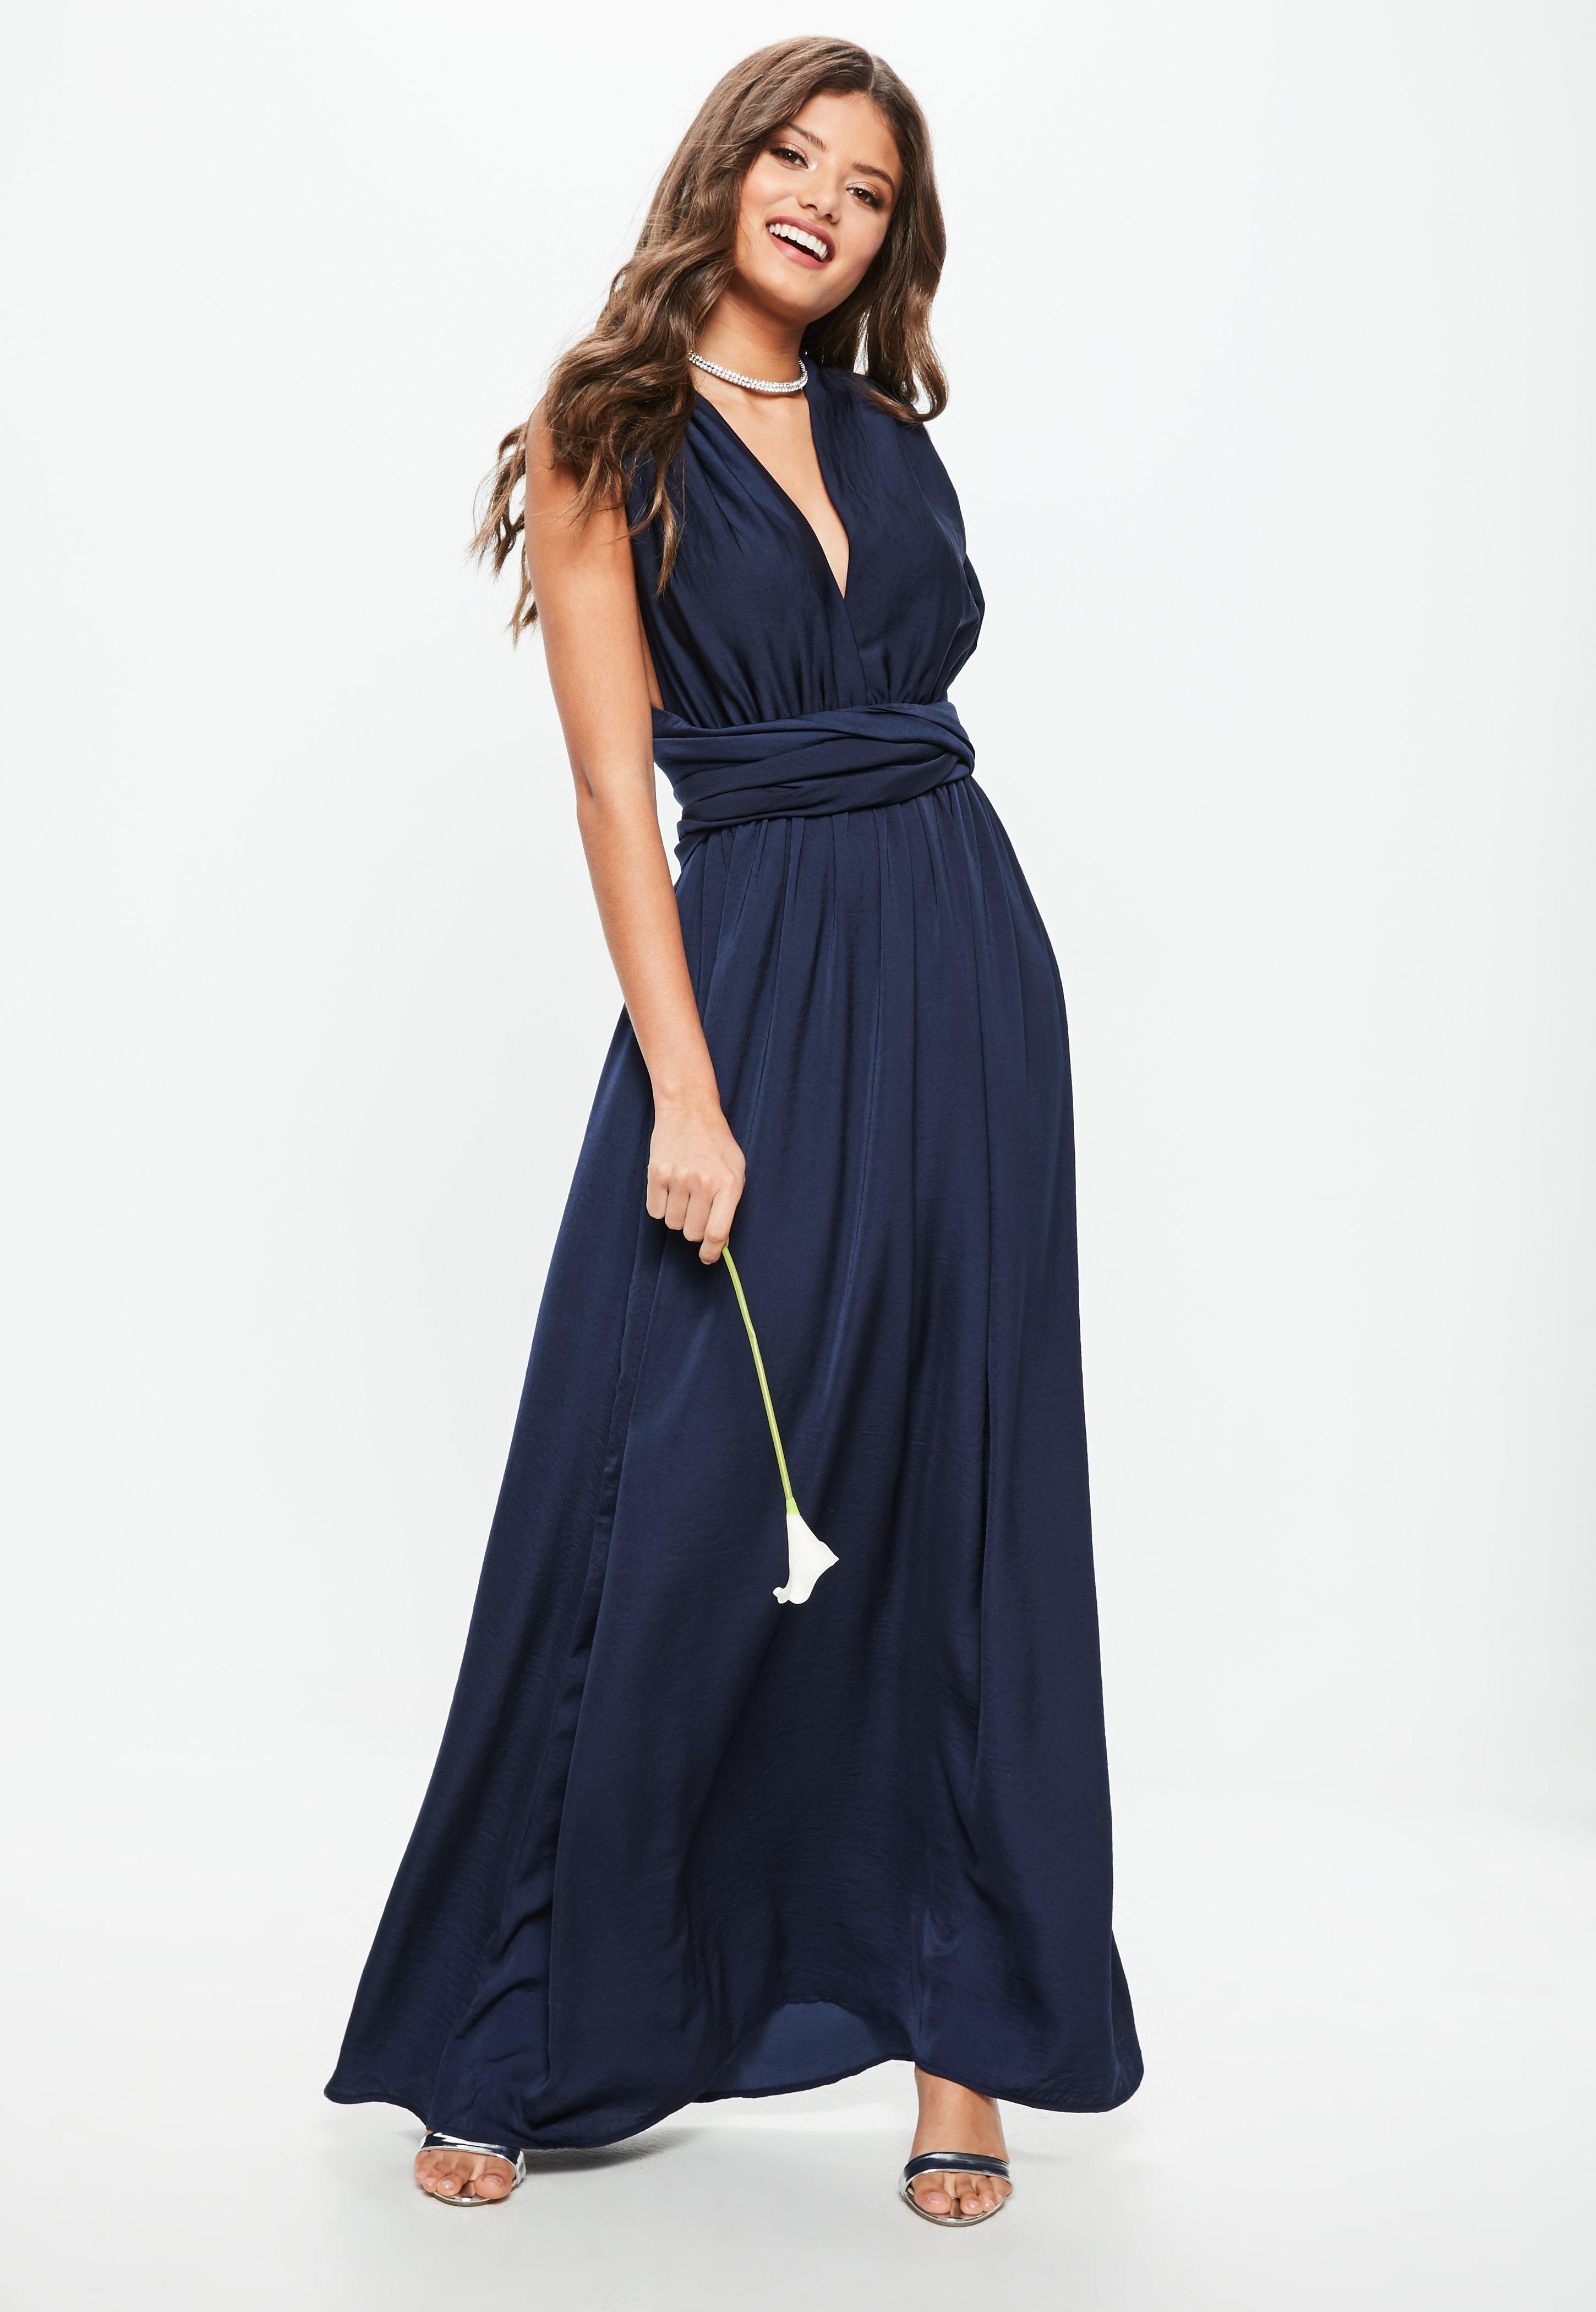 Vestido azul marino largo